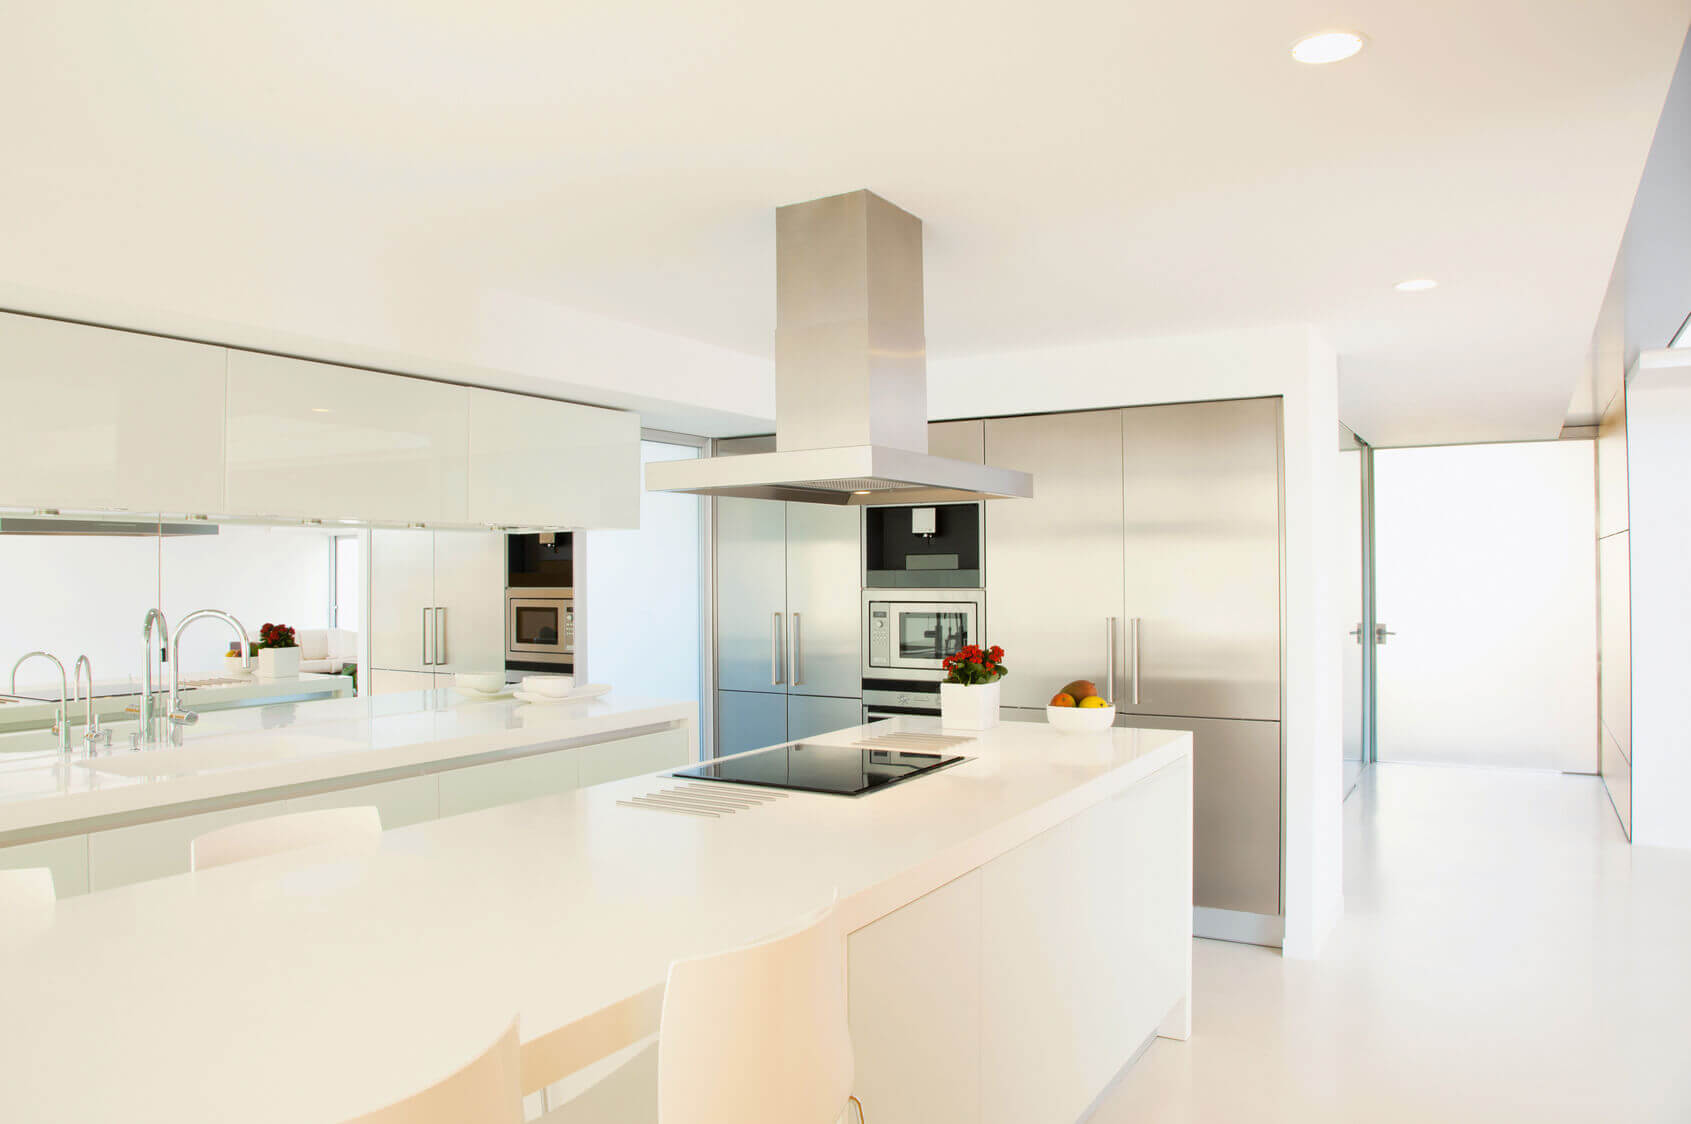 Cocinas con isla cocinas vitoria tierra home design for Cocinas con isla precios